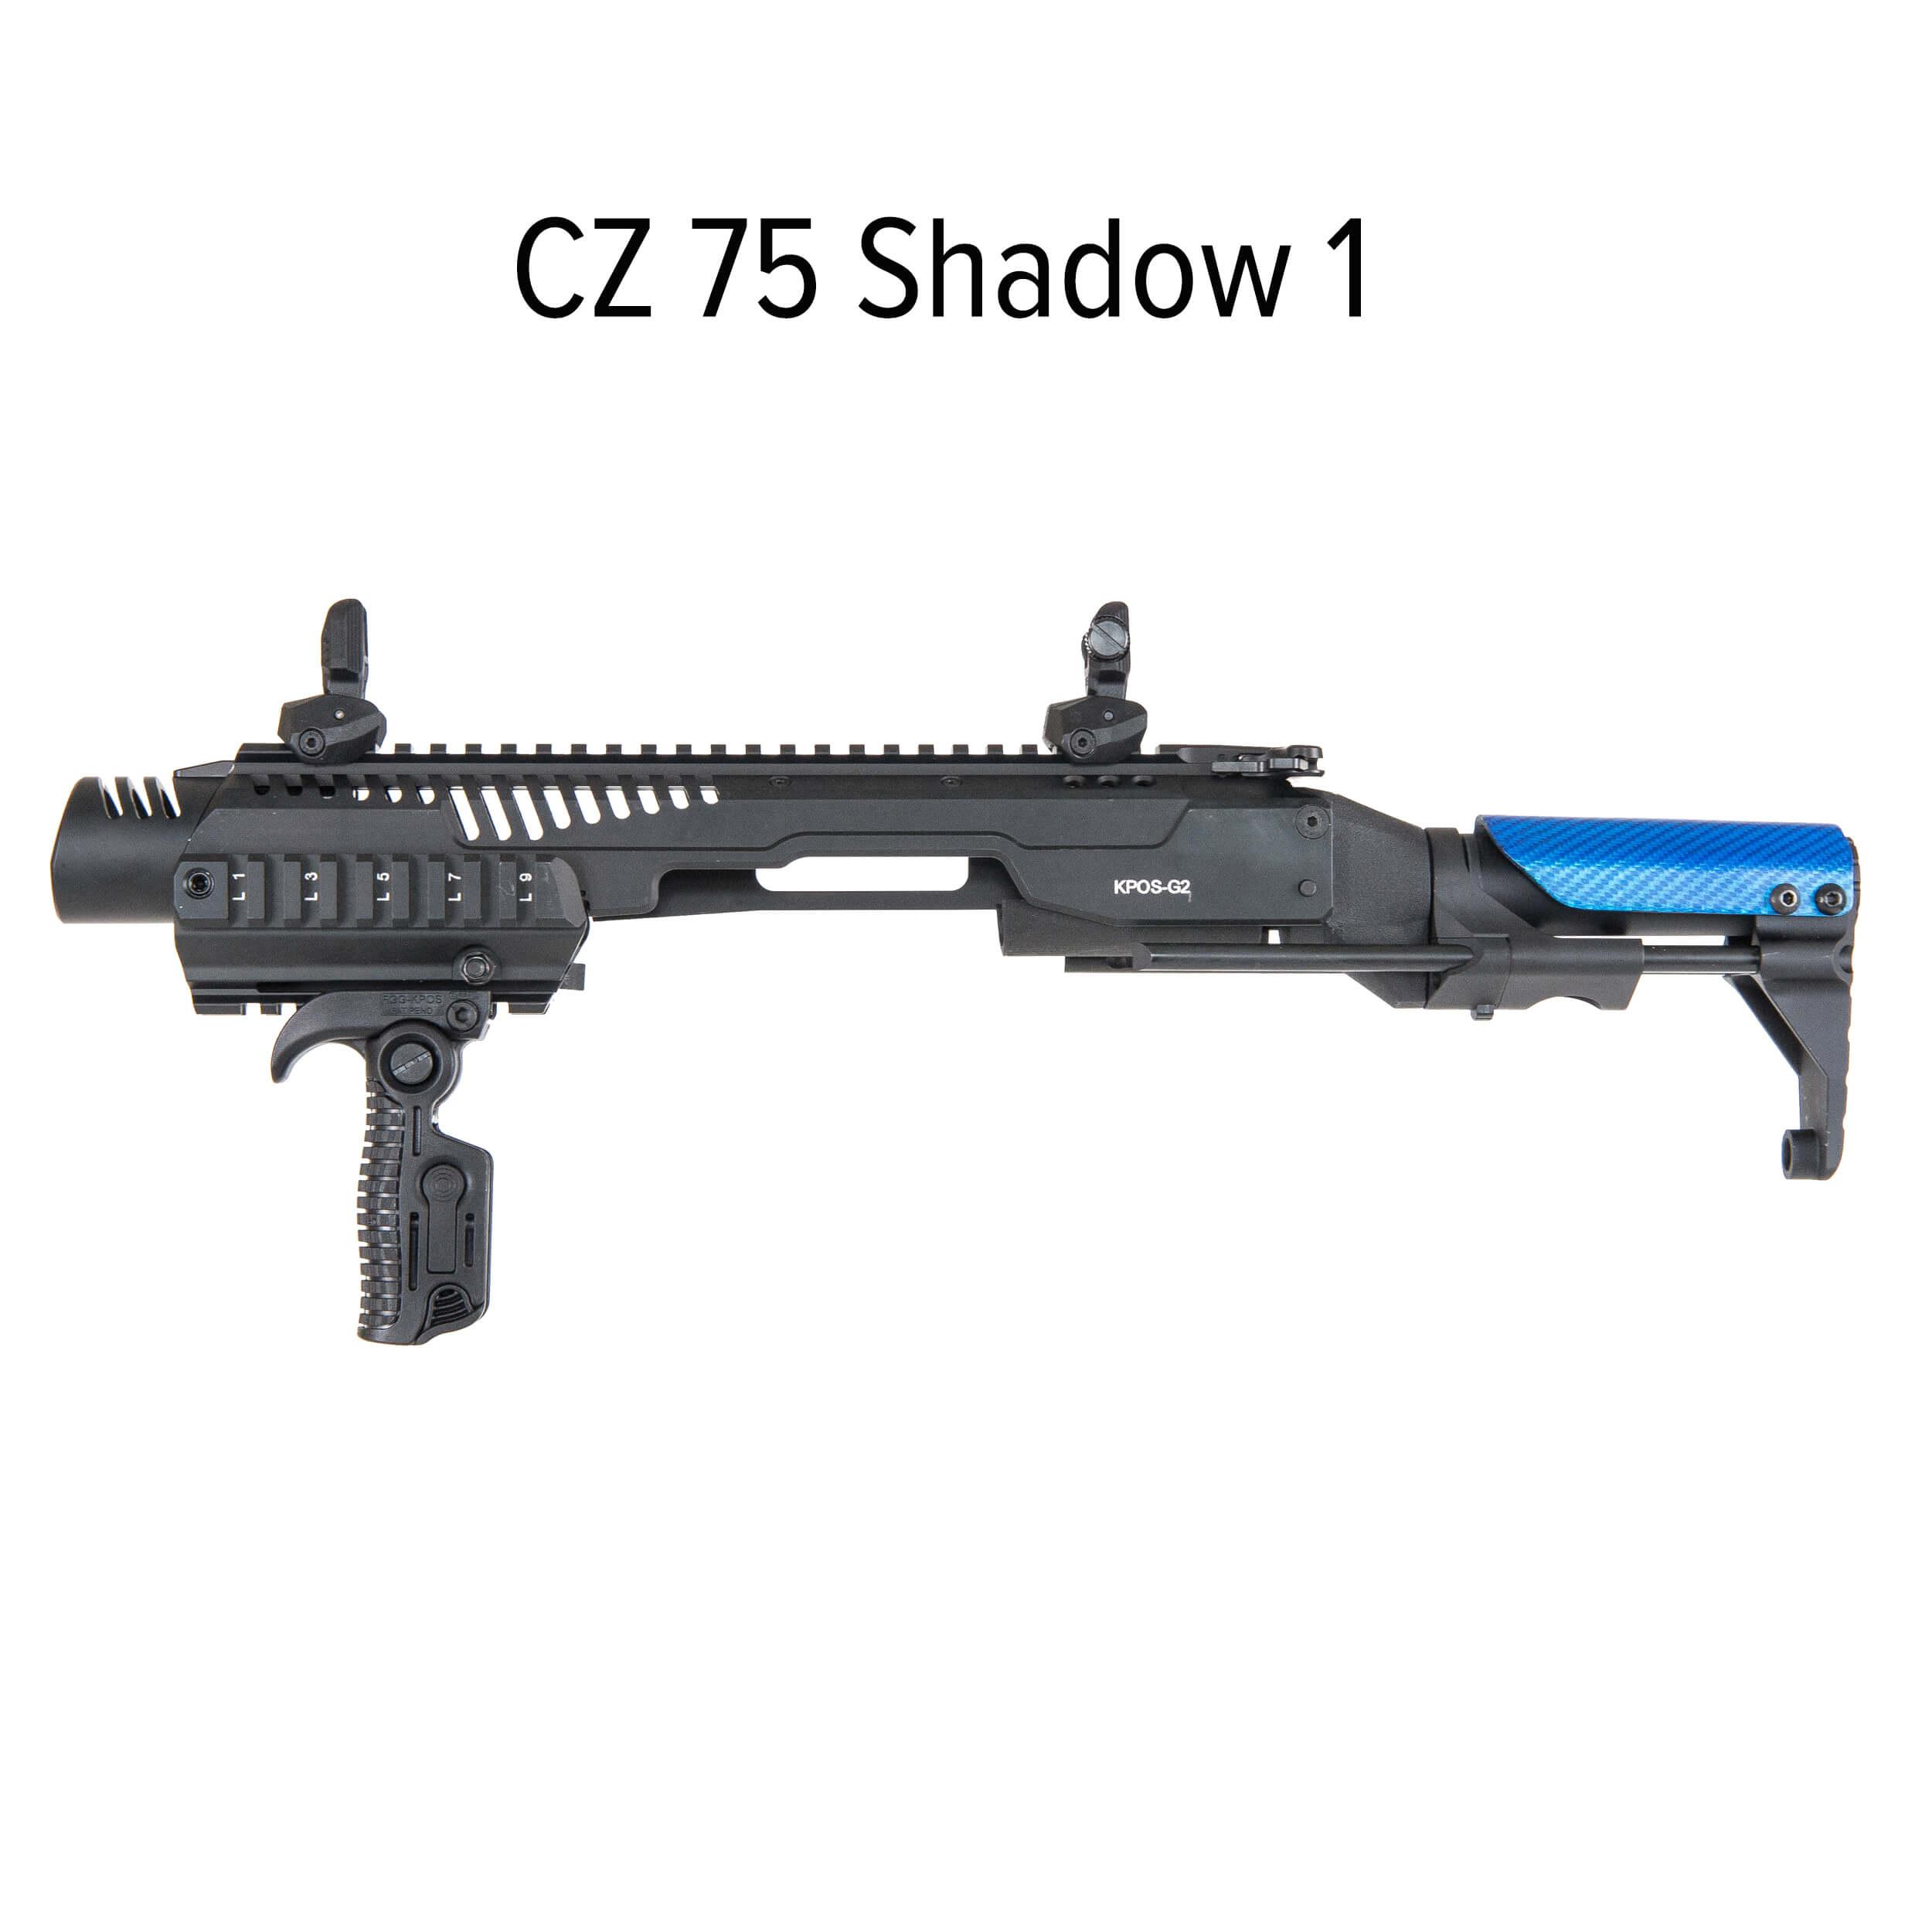 KPOS G2C CZ 75 SP-01 / CZ Shadow 1